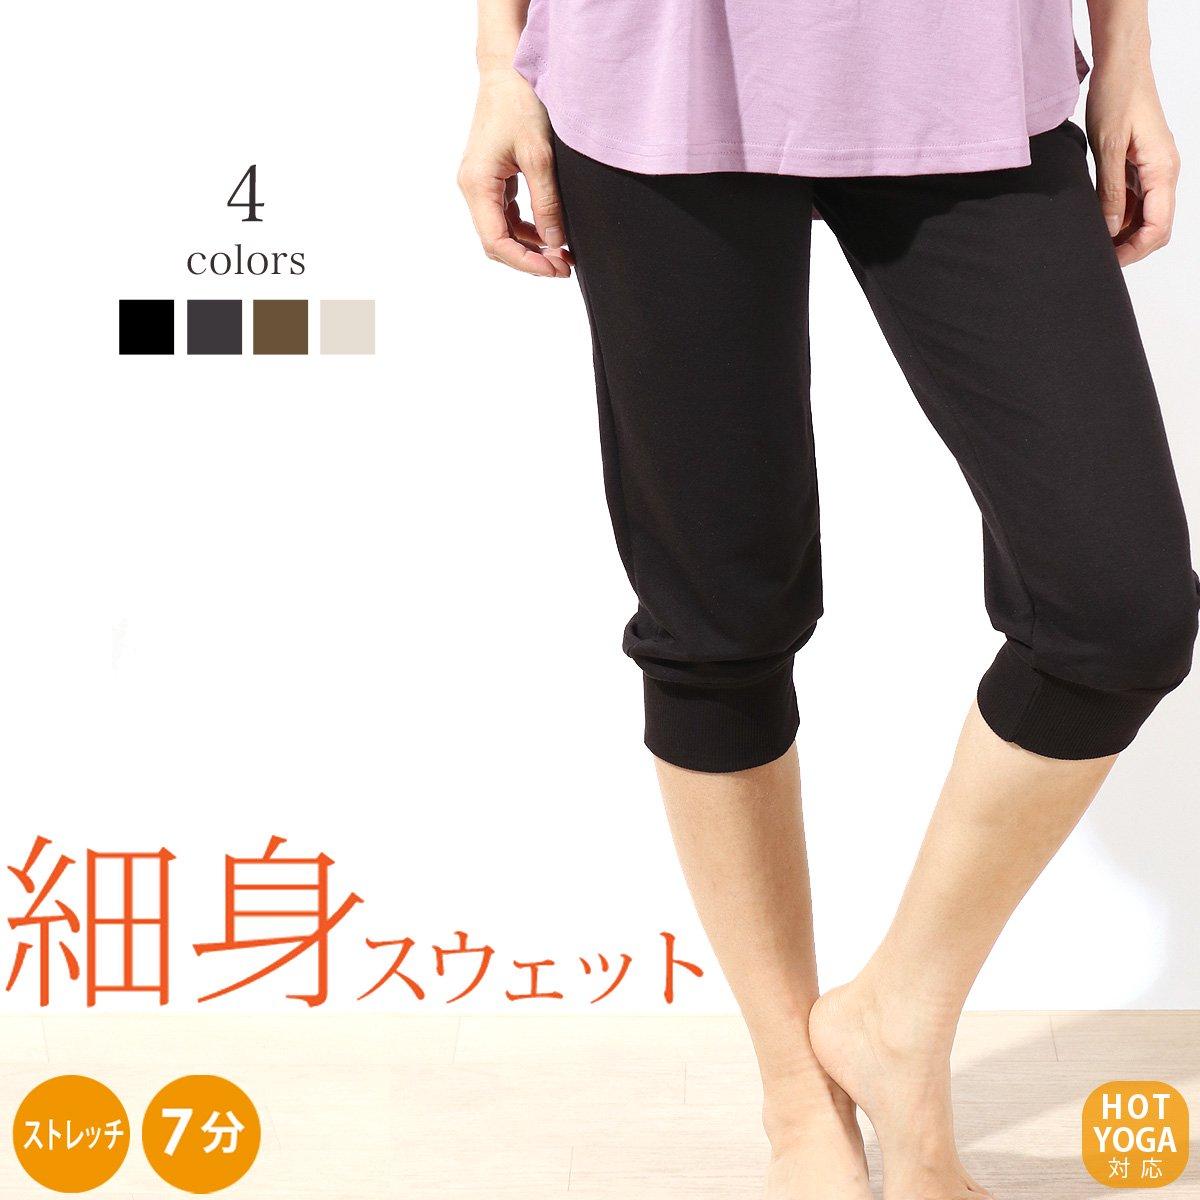 裾しぼりスウェットパンツ サルエルパンツ ヨガウェア 7分丈【ヨガボトム】【ヨガウェア】